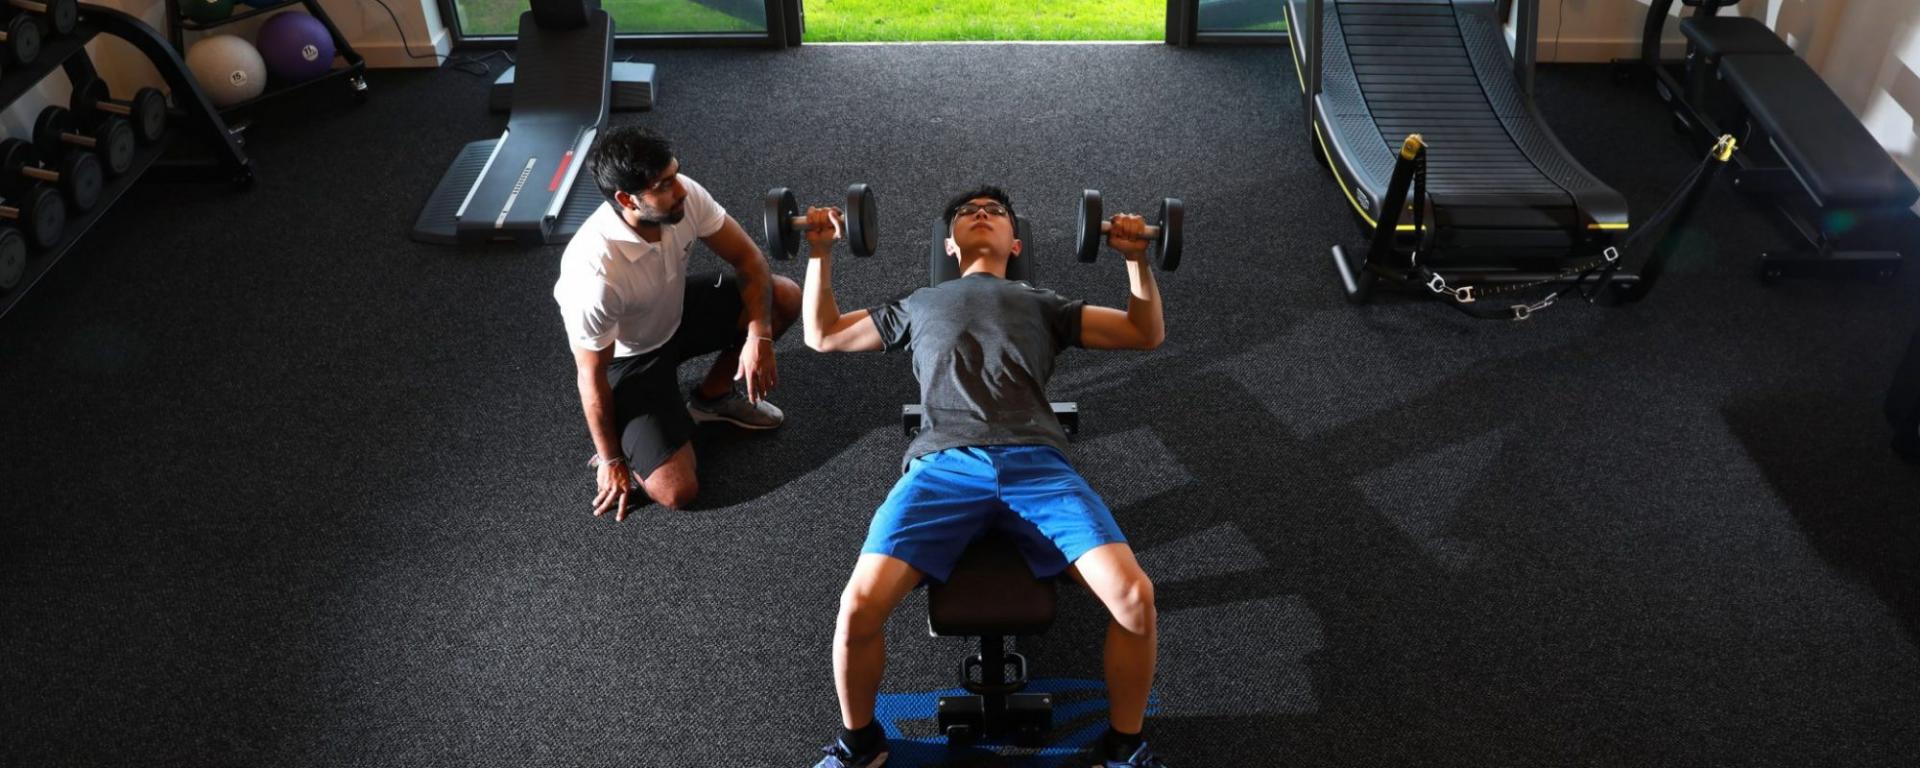 Huấn luyện thể lực chuyên nghiệp